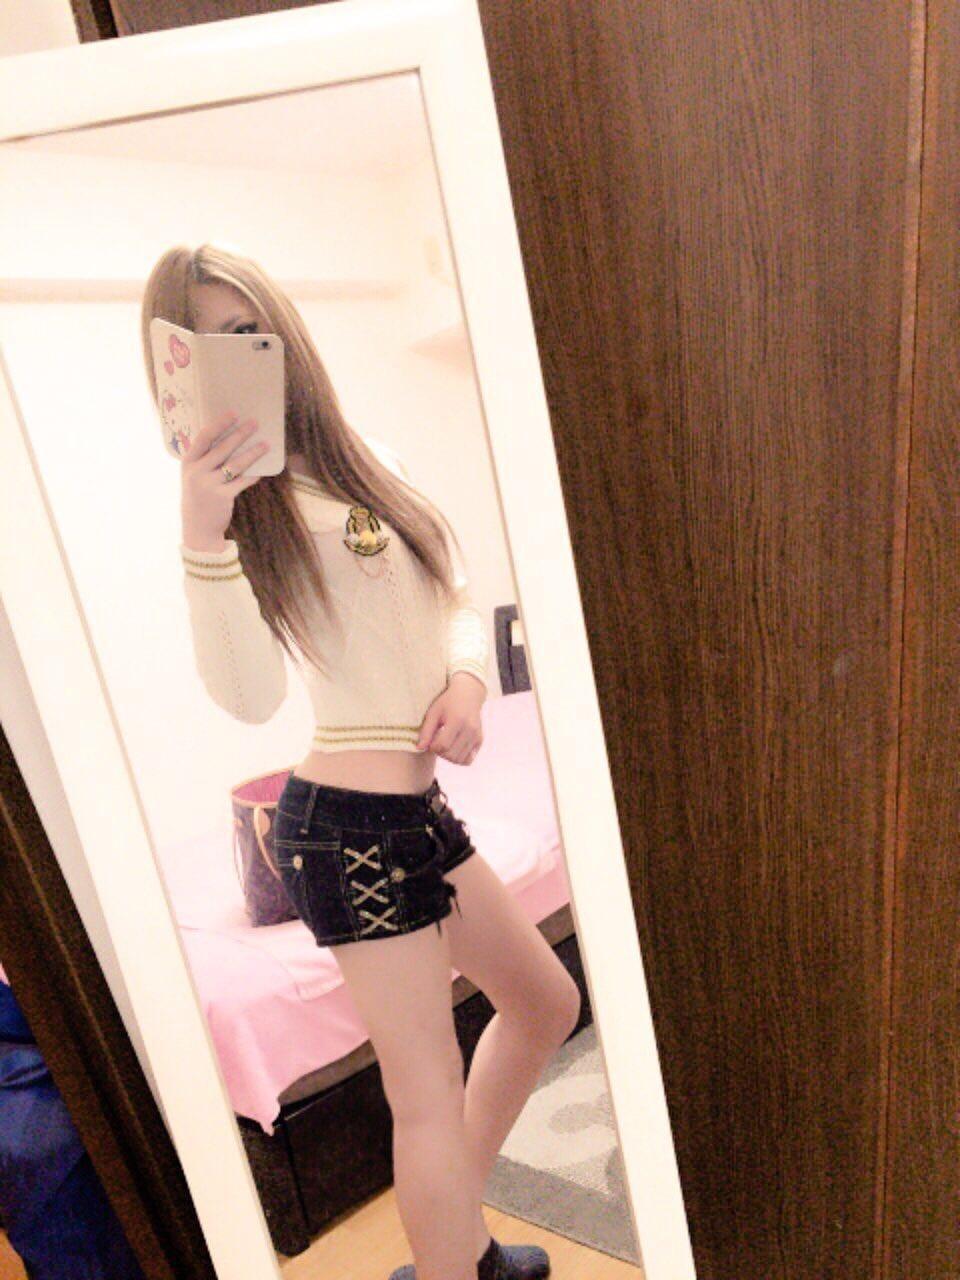 櫻井美沙希(ニューハーフ)「お礼♡」05/24(金) 15:32 | 櫻井美沙希(ニューハーフ)の写メ・風俗動画